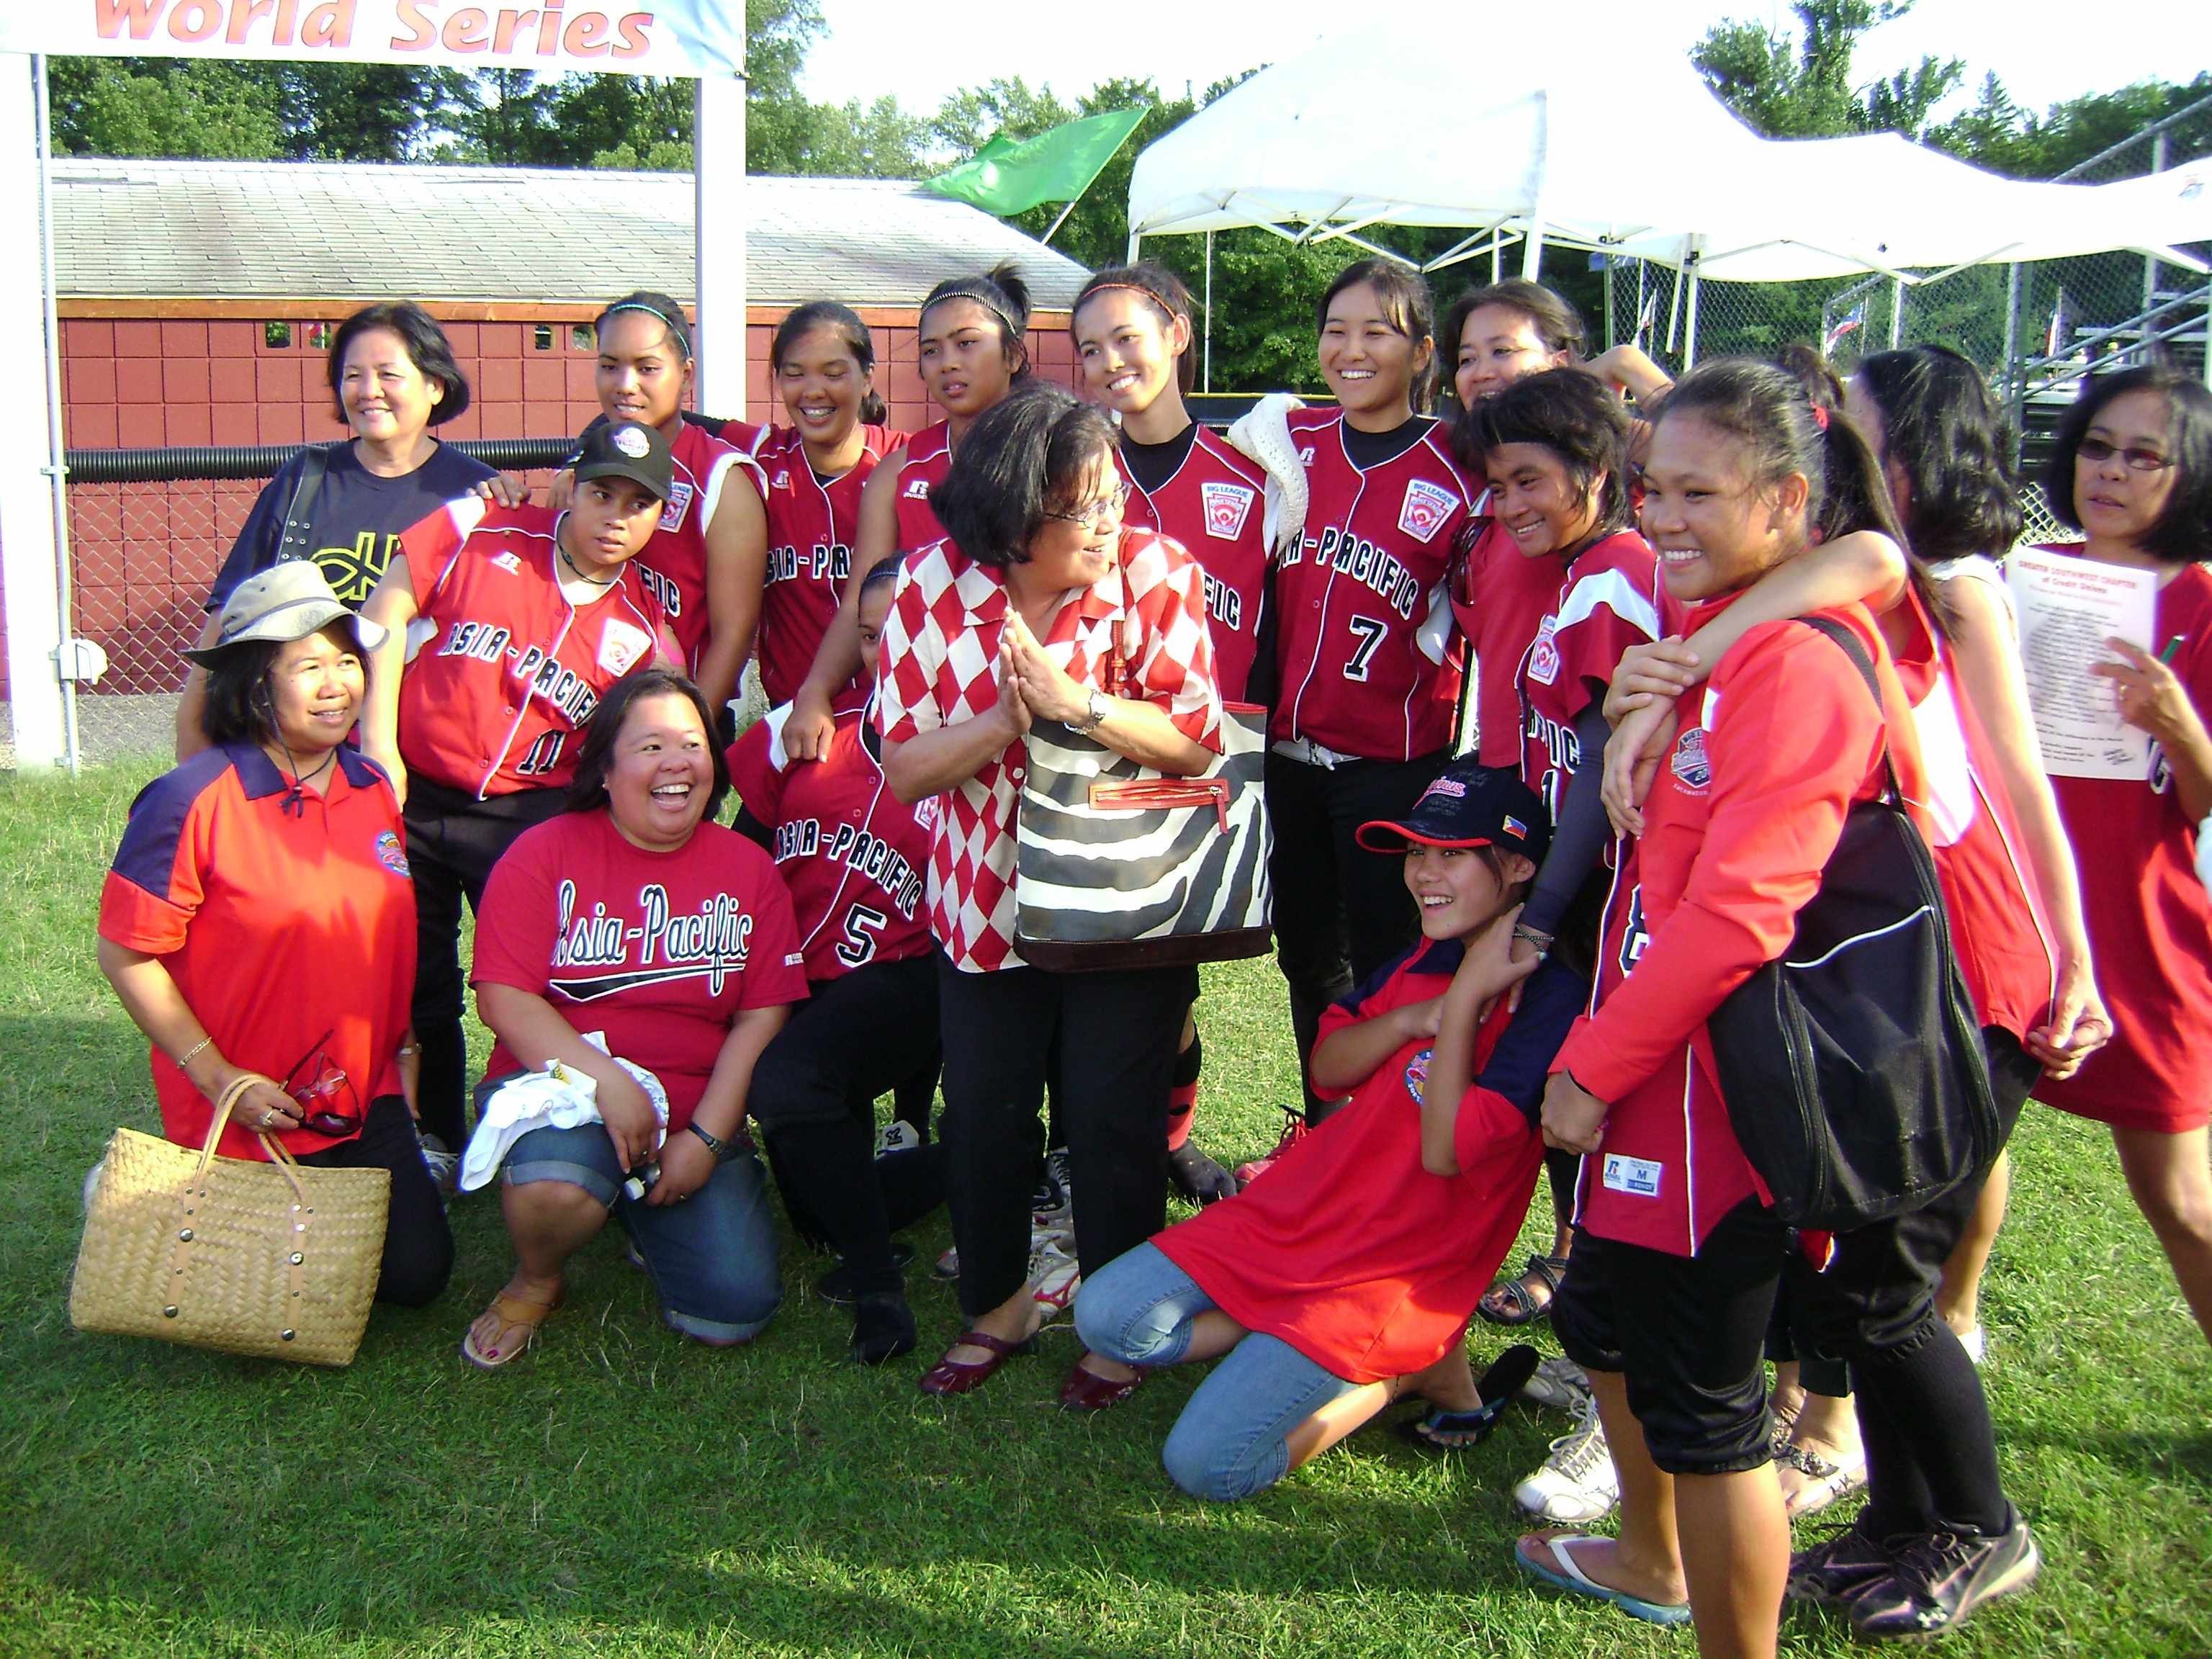 8-7-2011 008.jpg